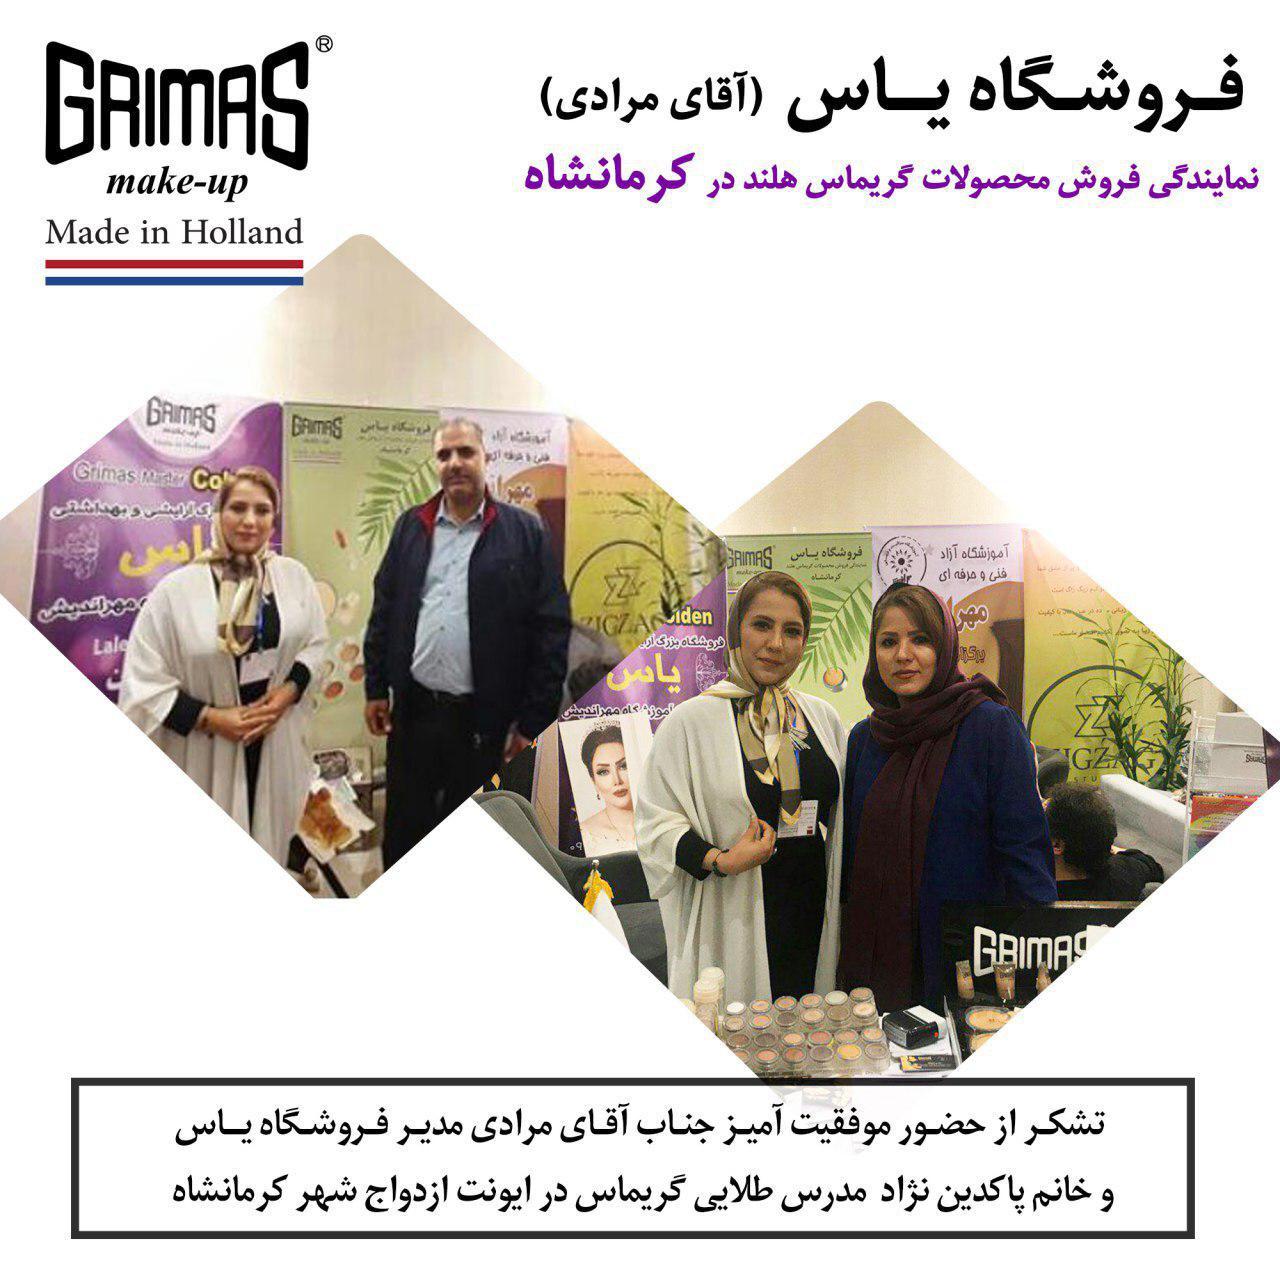 grimas-iran-kermanshah